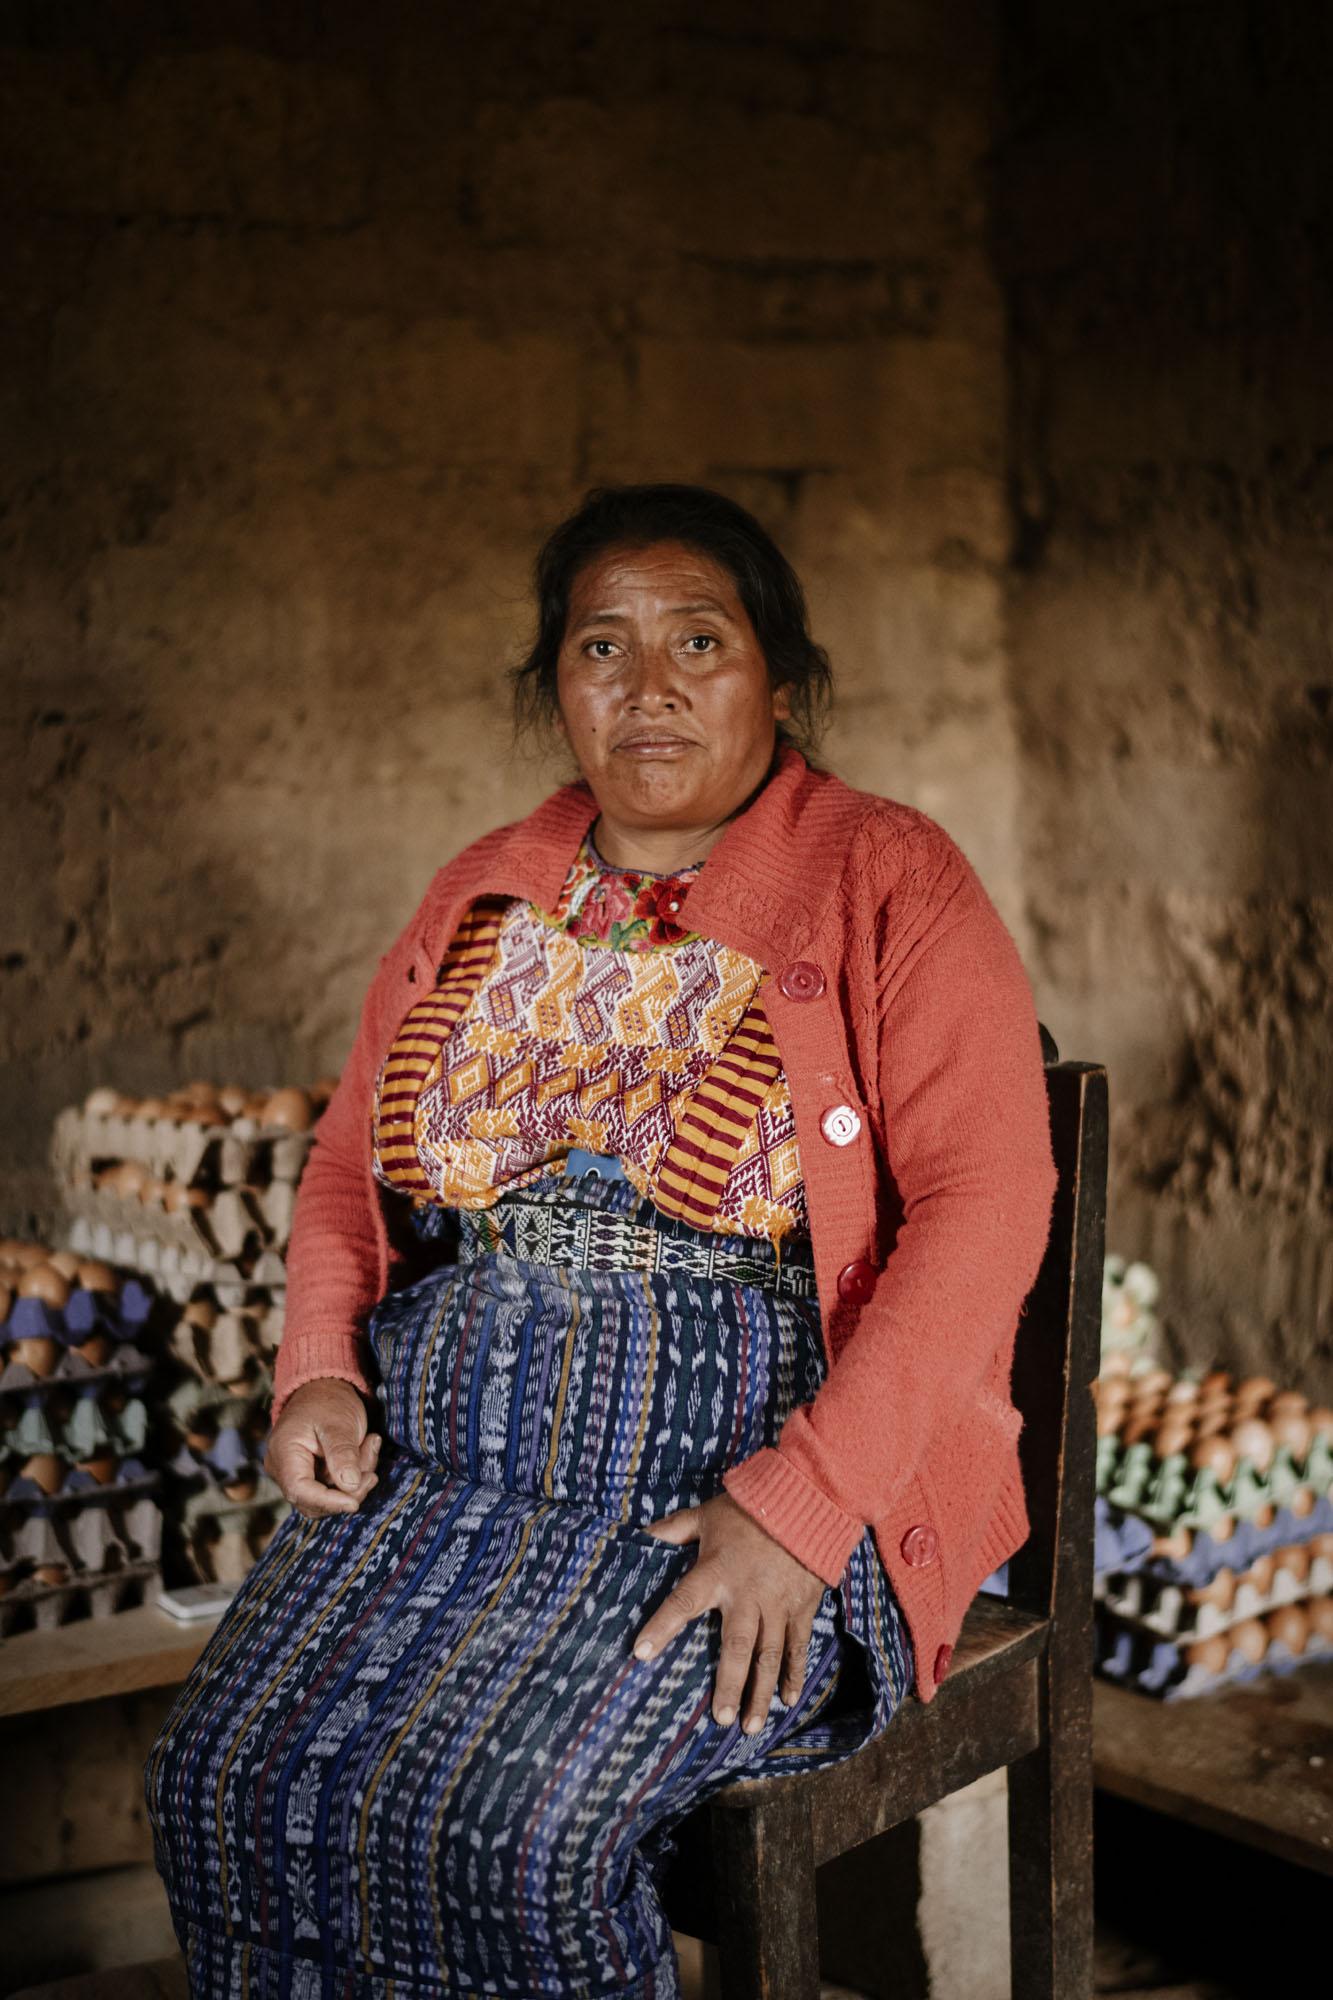 ©Pep Bonet/NOOR for FAO